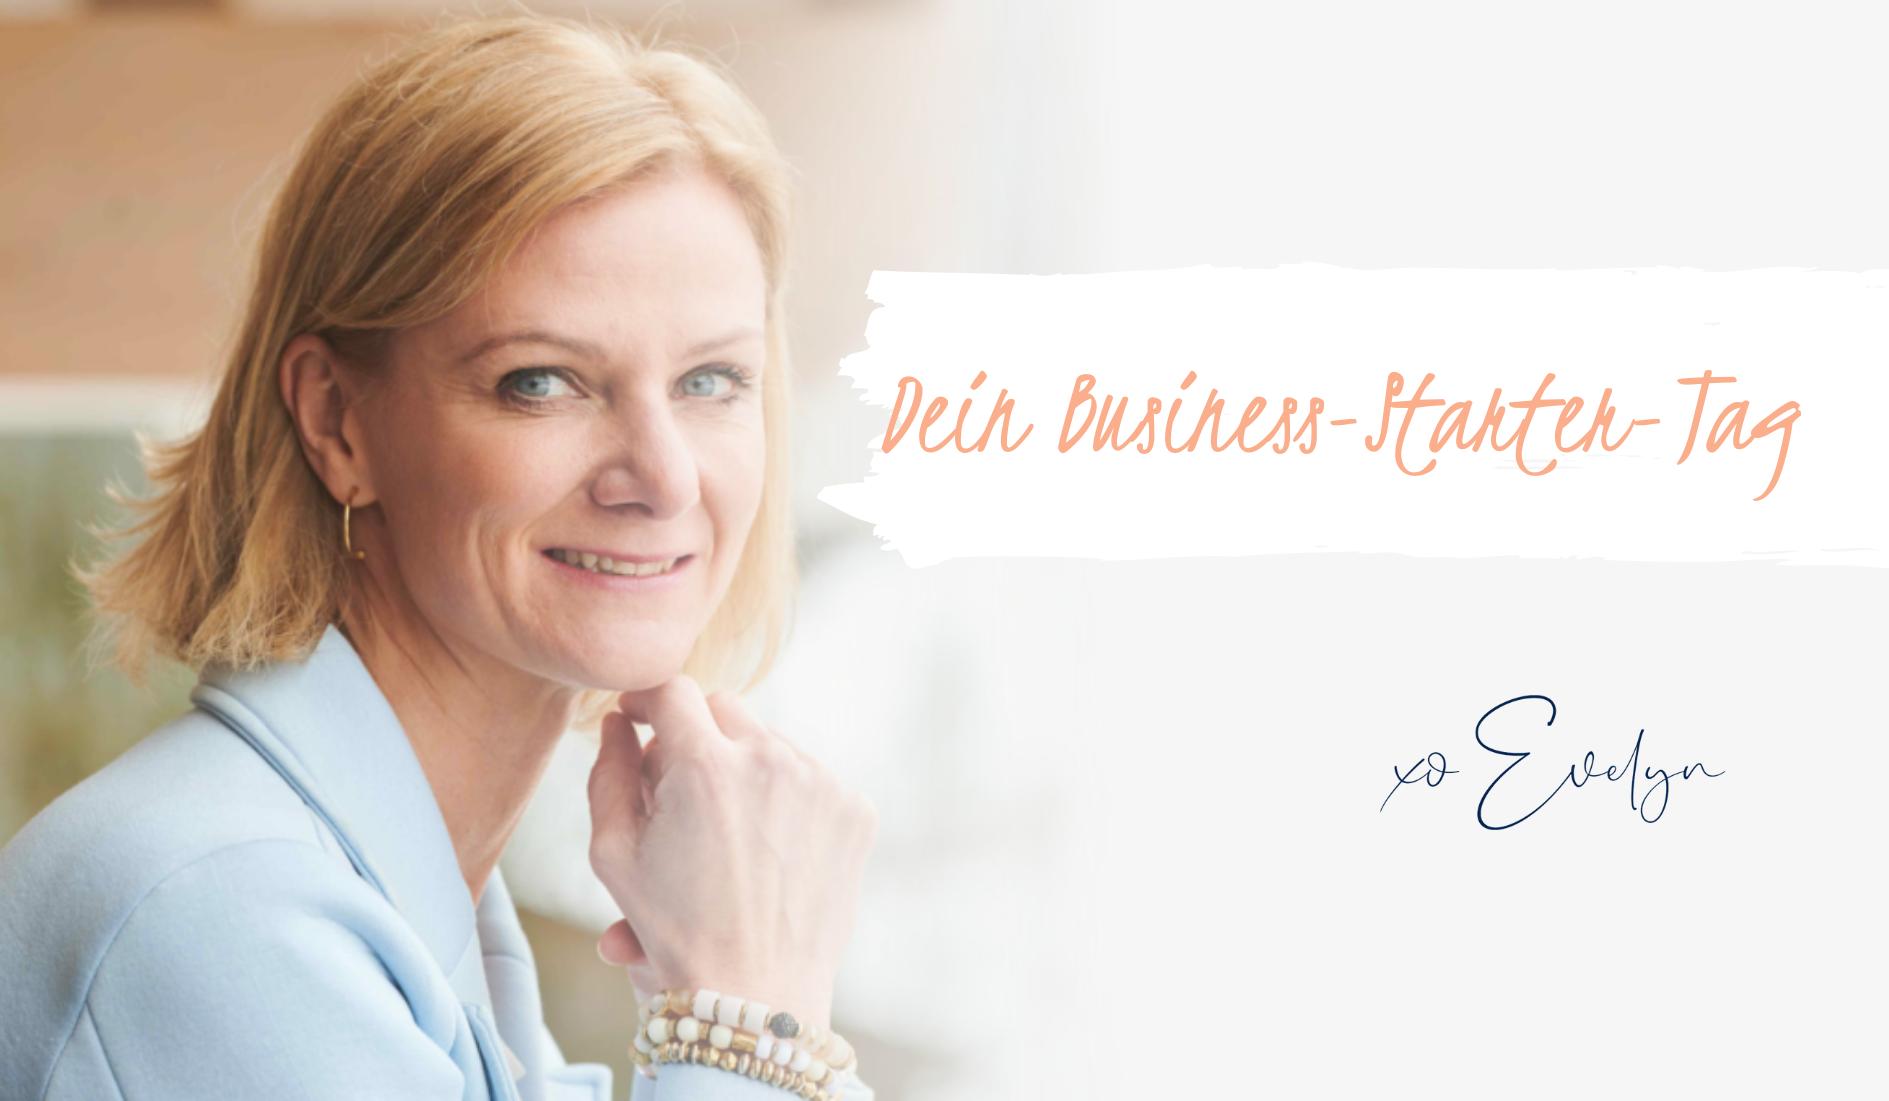 Melde dich für deinen kostenlosen Business-Starter-Tag an.  Bitte fülle die Felder aus und du erhältst sofort alle weiteren Informationen: